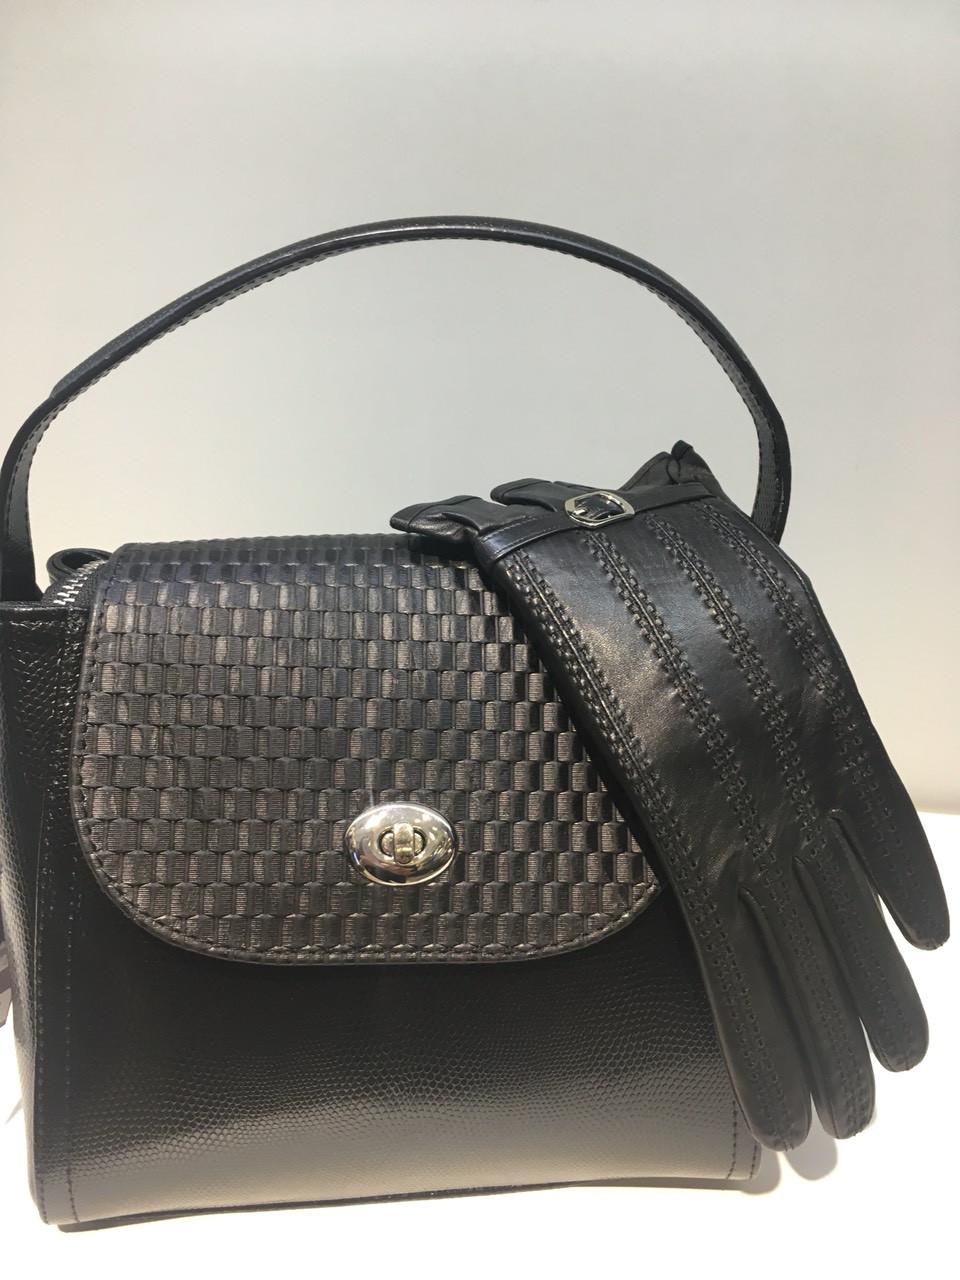 Модная женская сумочка из натуральной кожи 1119-0711 с тиснением рептилии